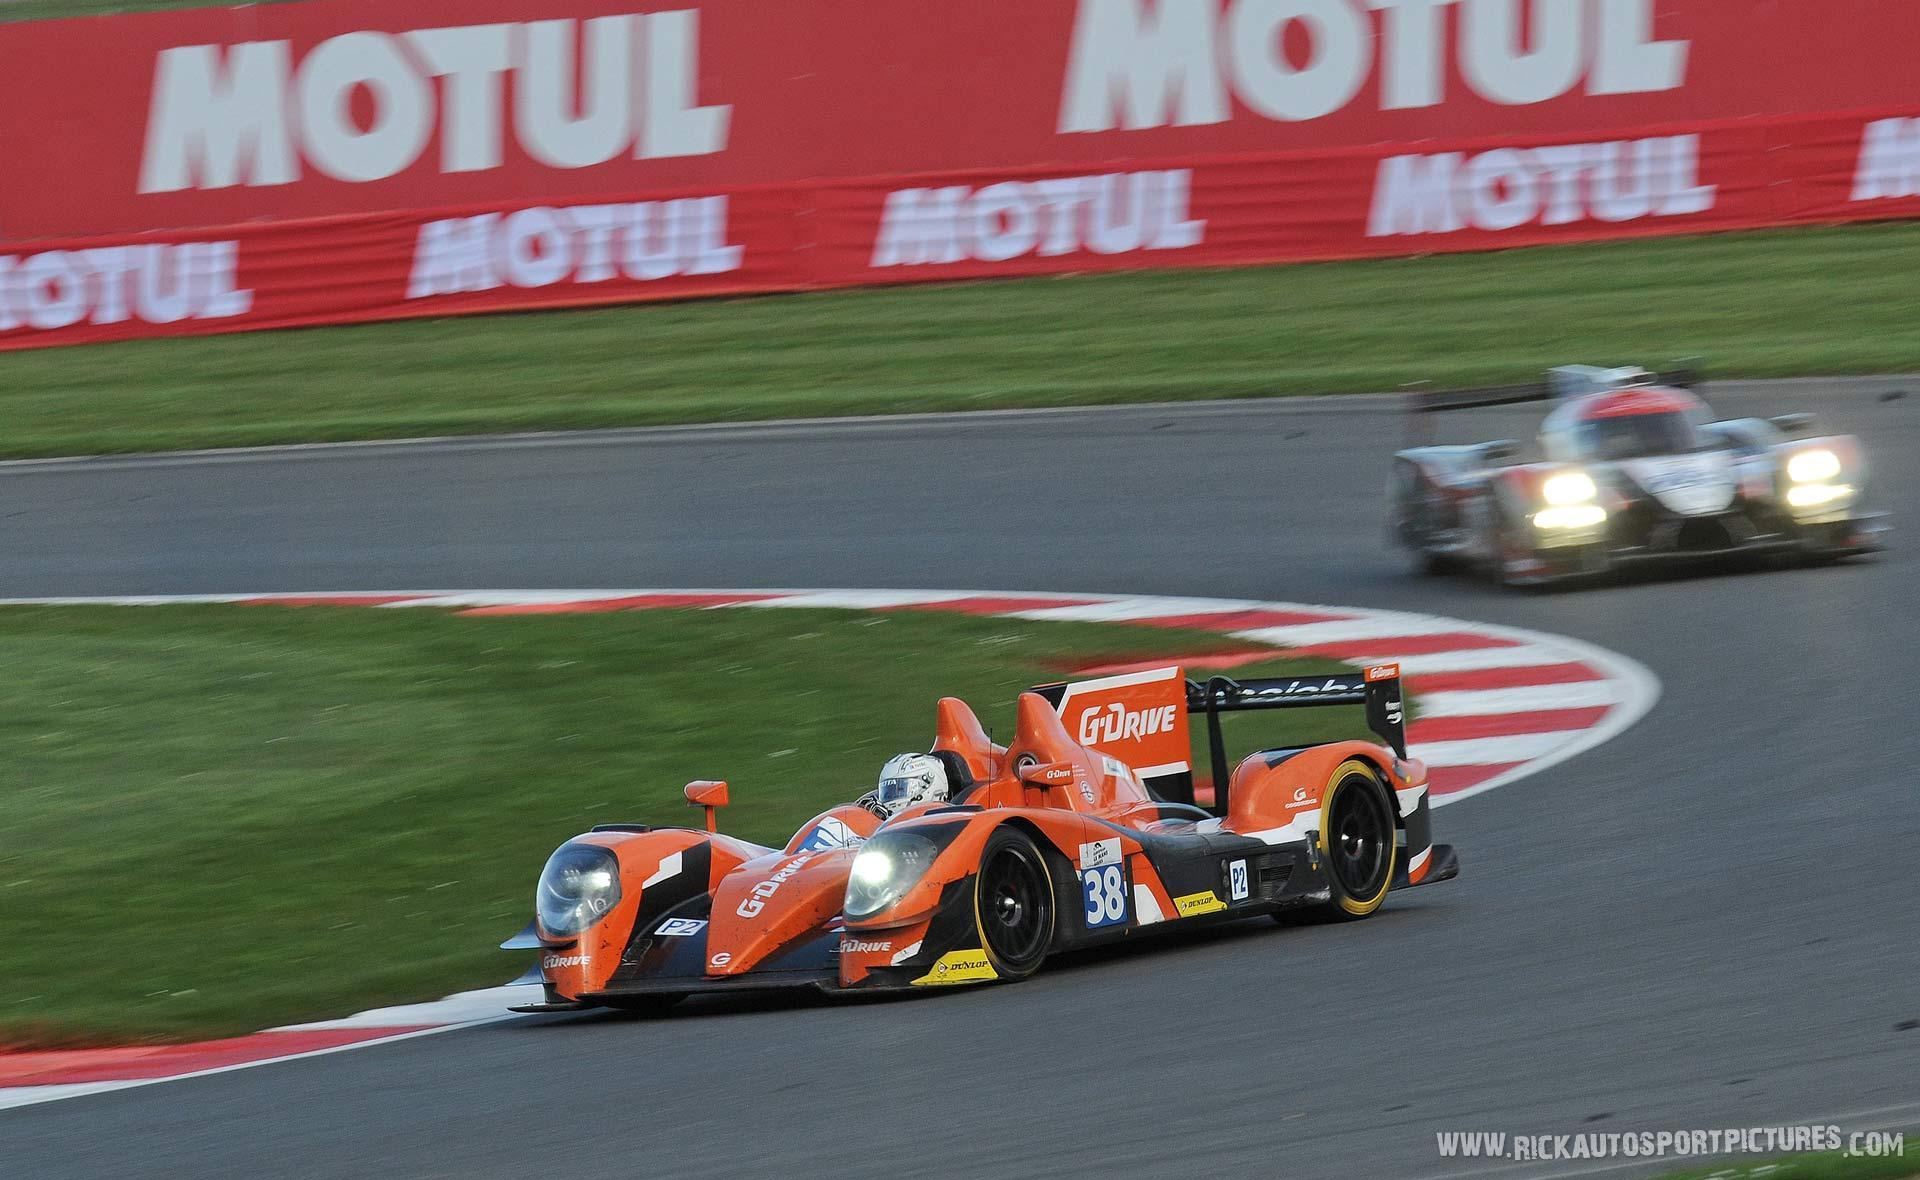 Giedo van der Garde Silverstone 2016